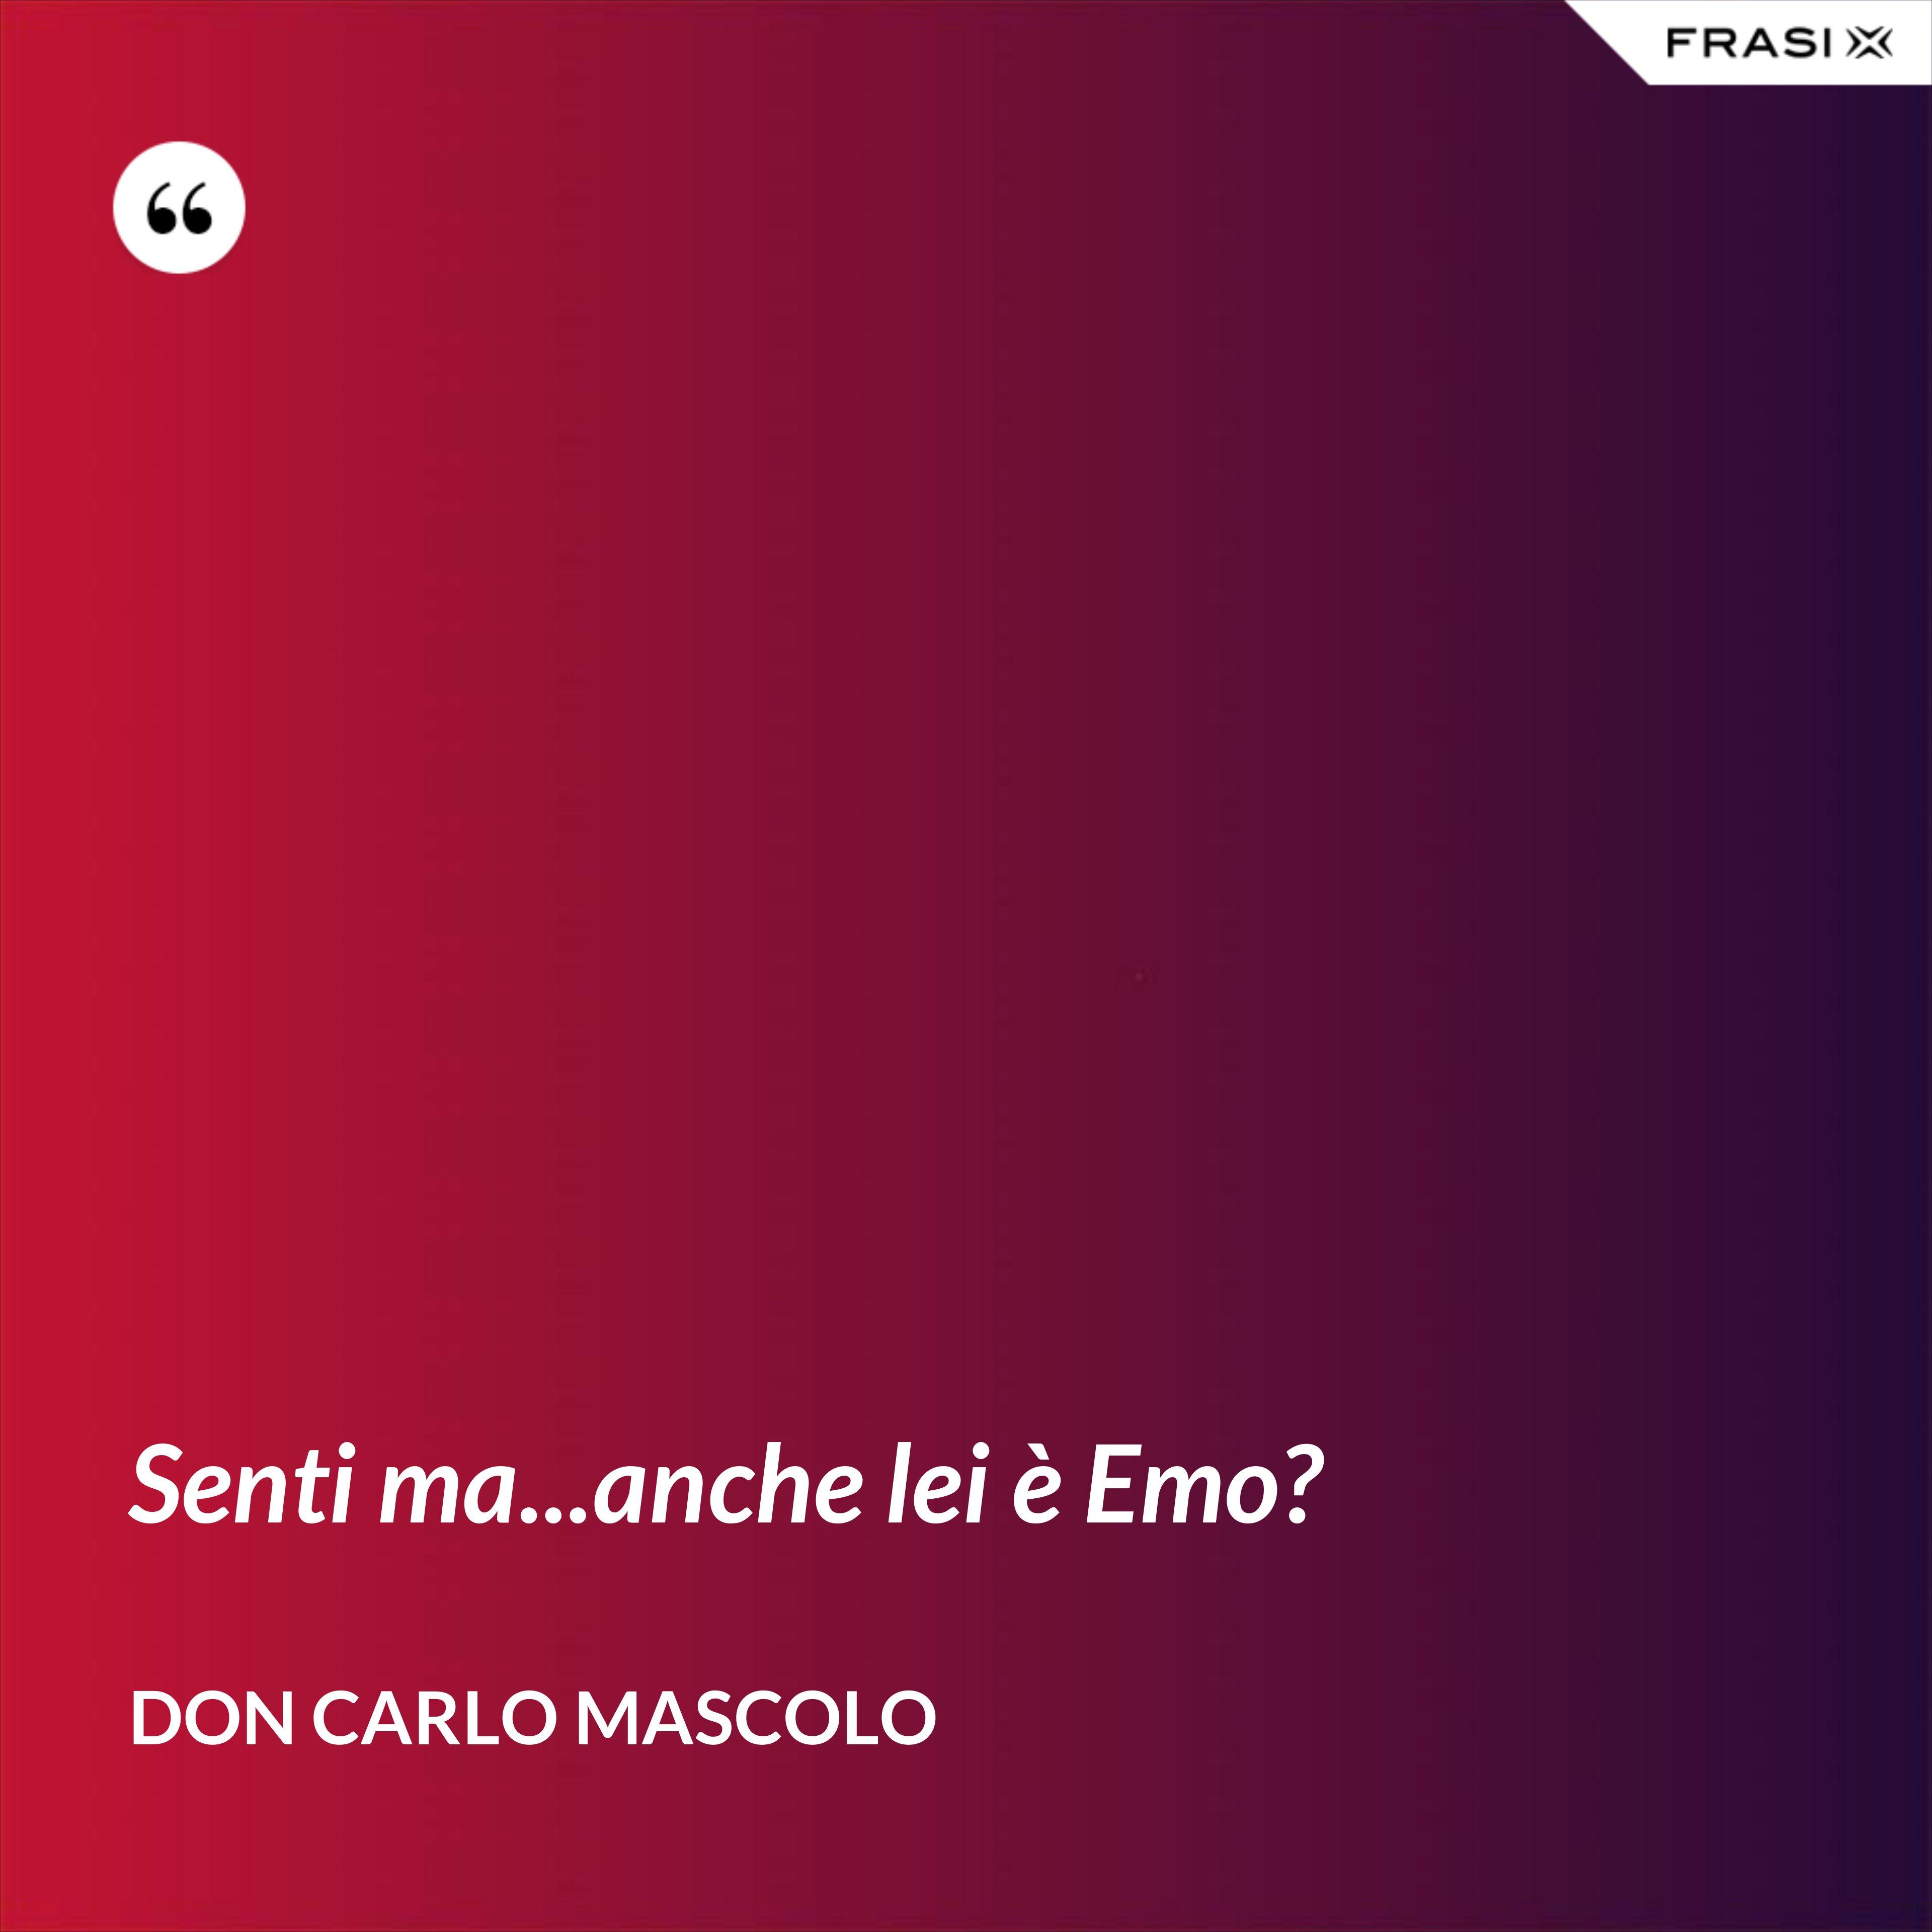 Senti ma...anche lei è Emo? - Don Carlo Mascolo